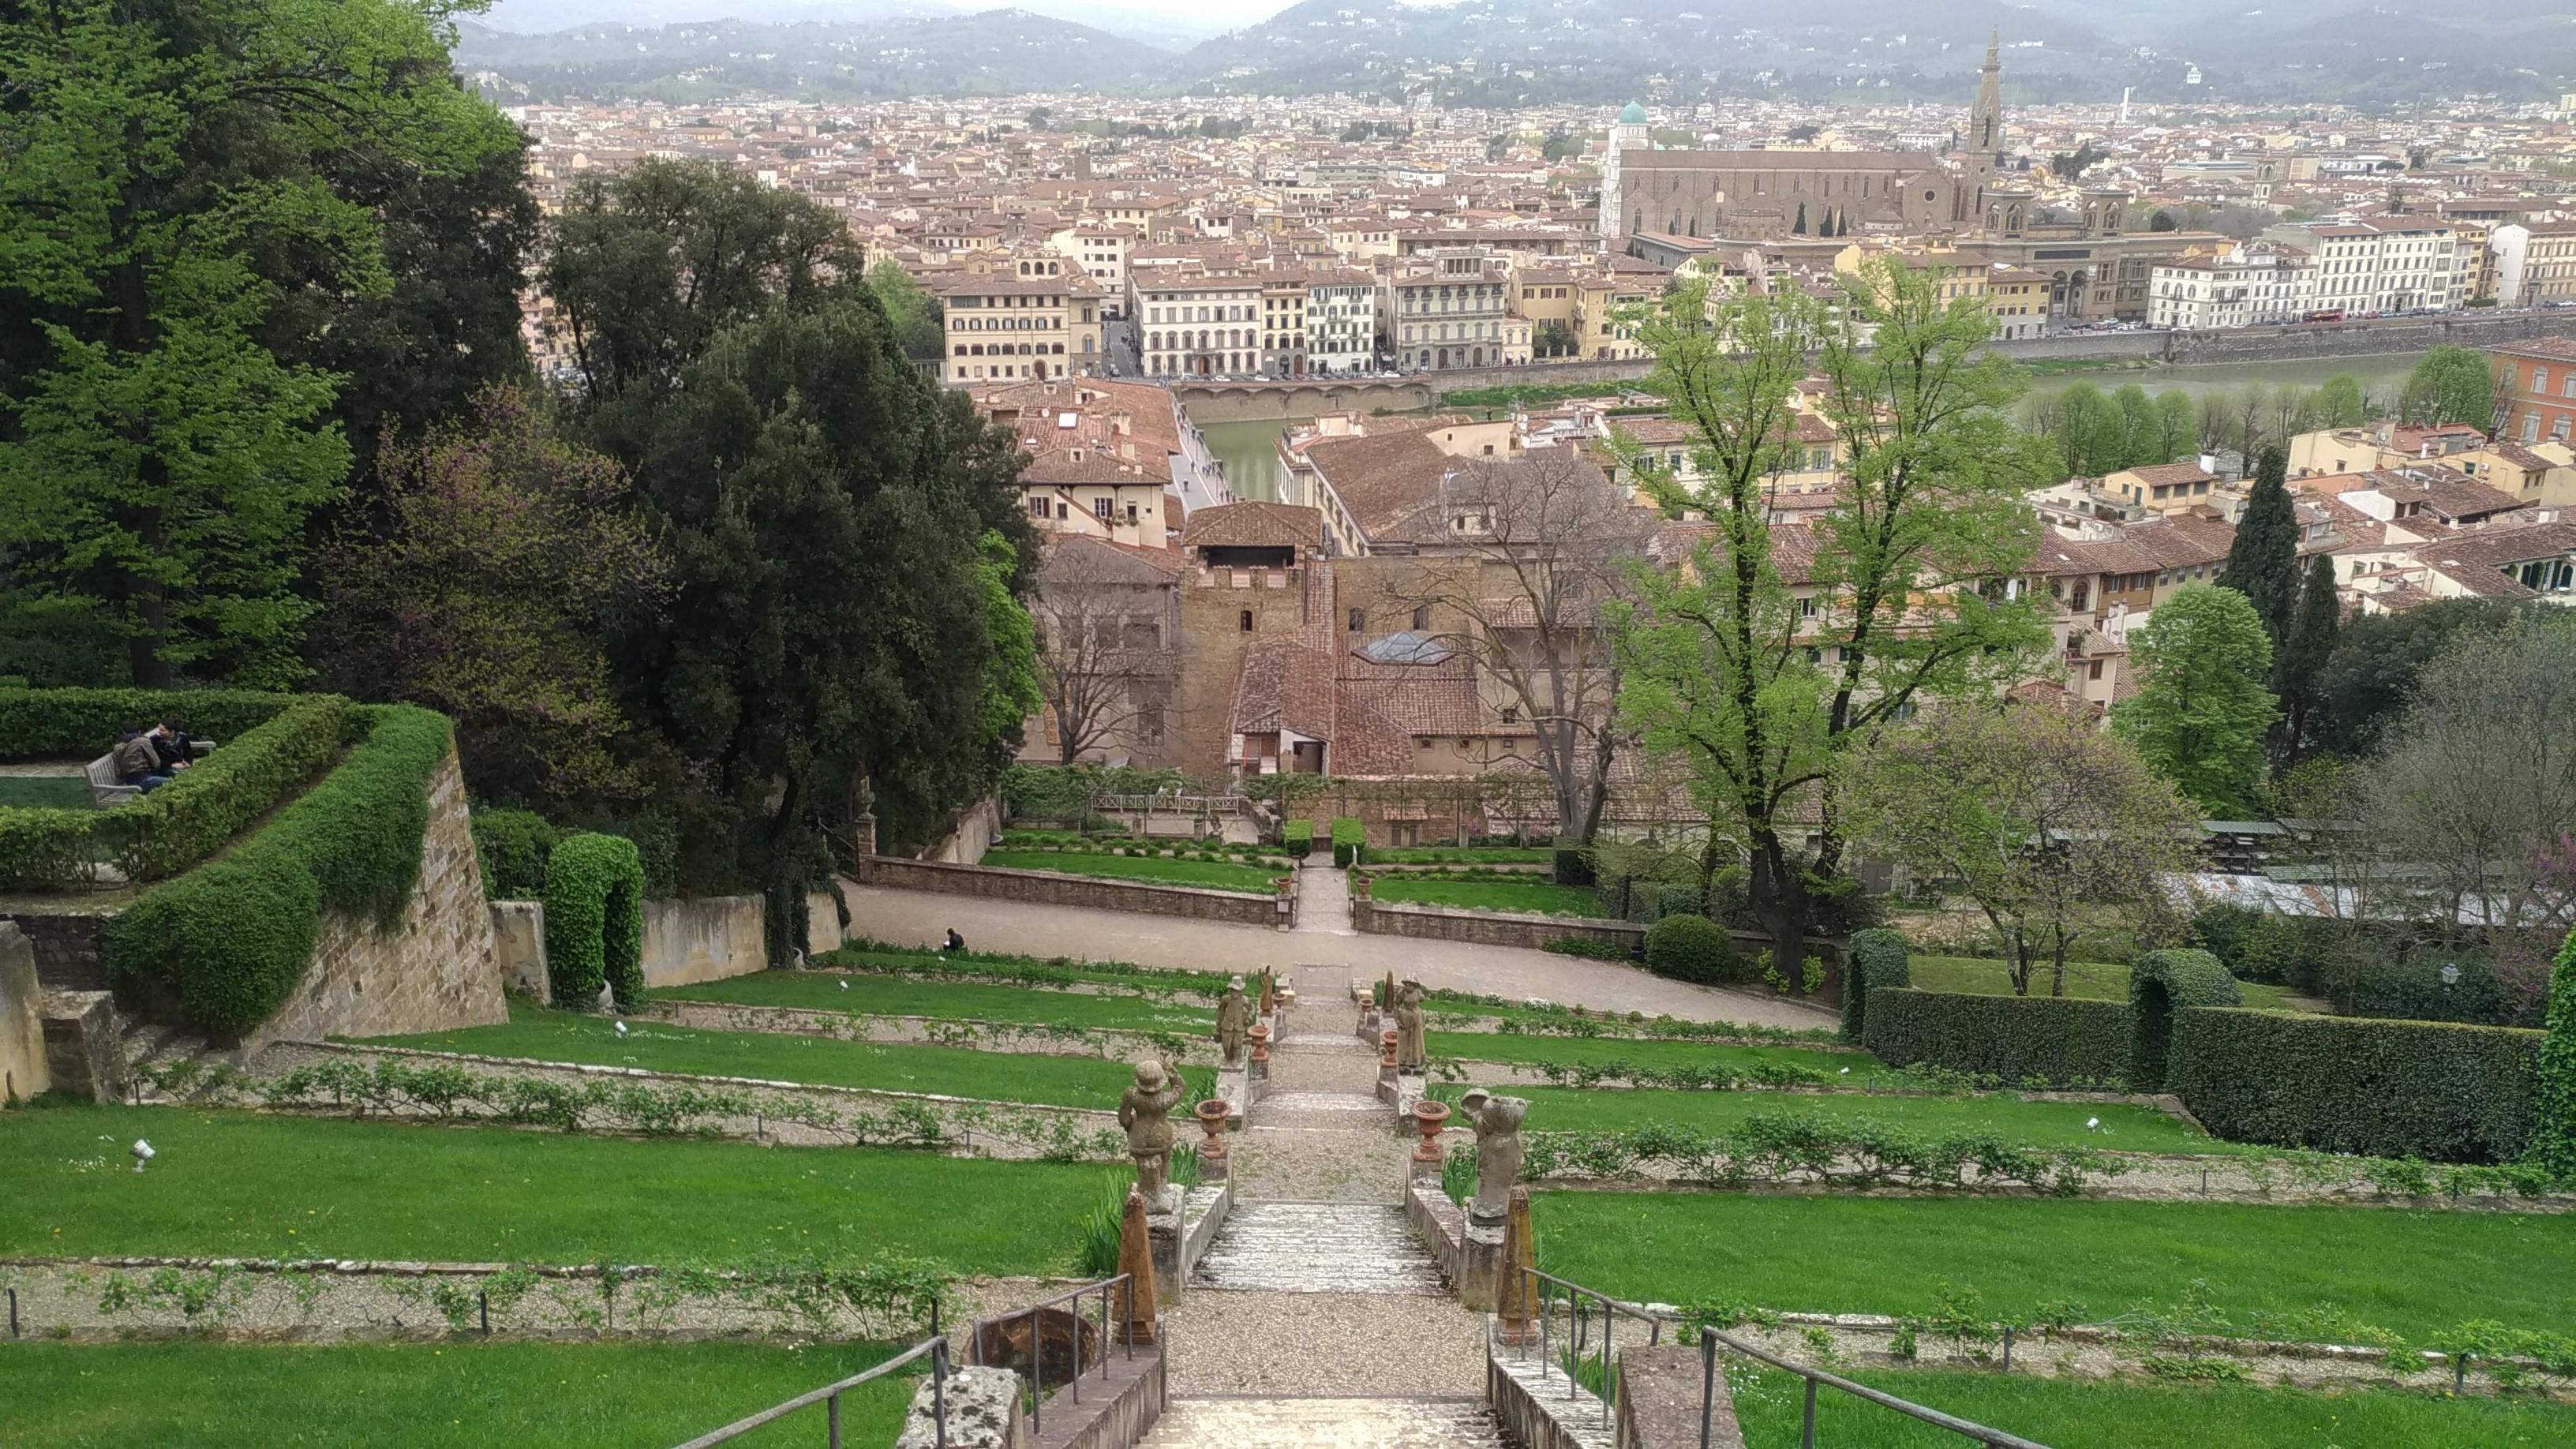 Una mostra fiabesca a Villa Bardini a Firenze - LifeBlogger